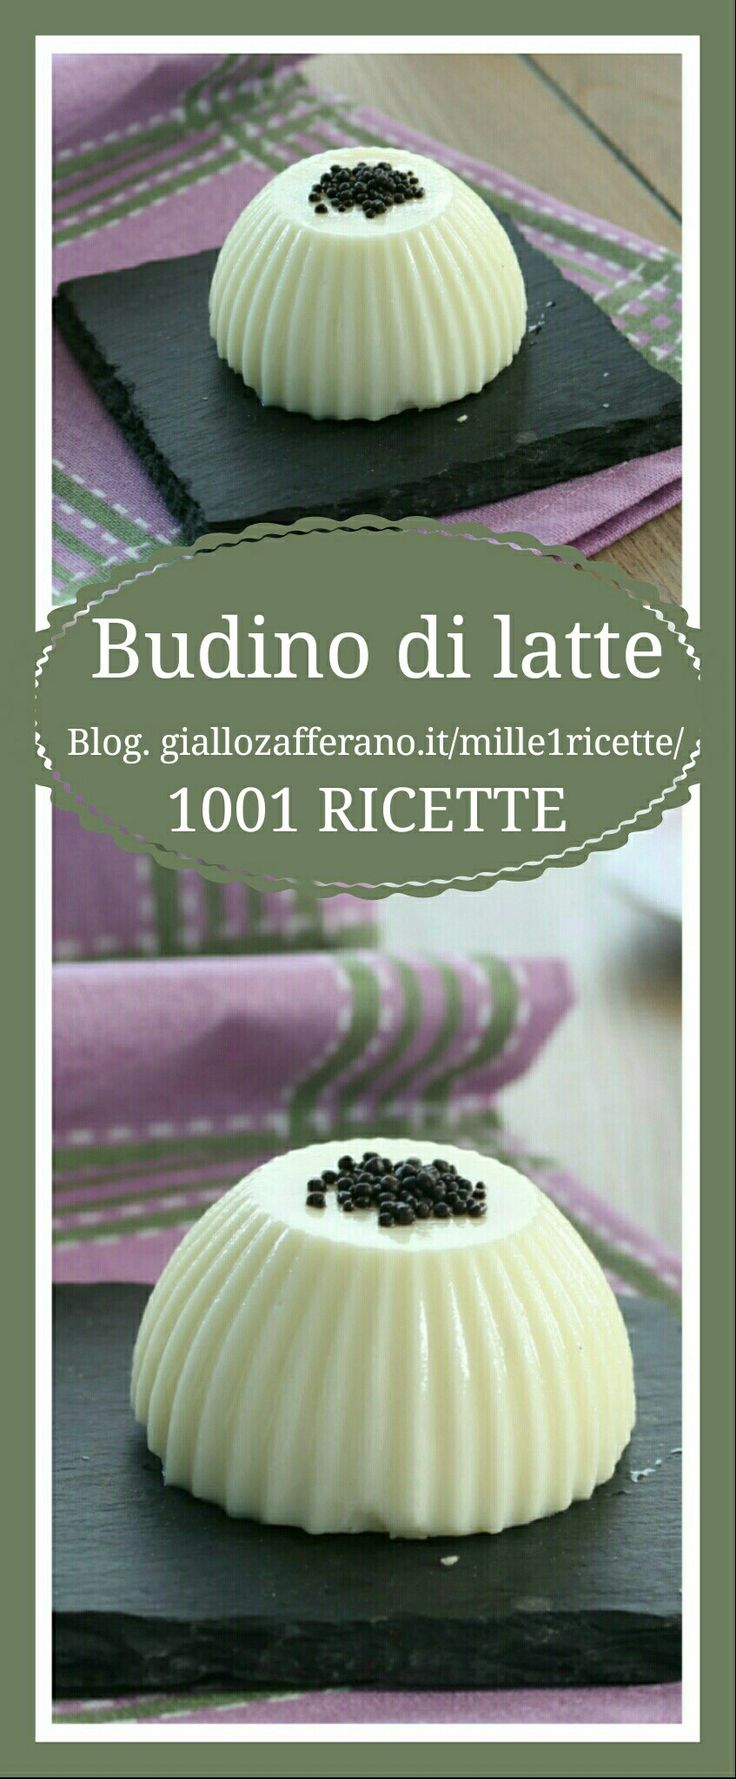 Budino al latte Una ricetta che piace a tutti  http://blog.giallozafferano.it/mille1ricette/budino-di-latte/